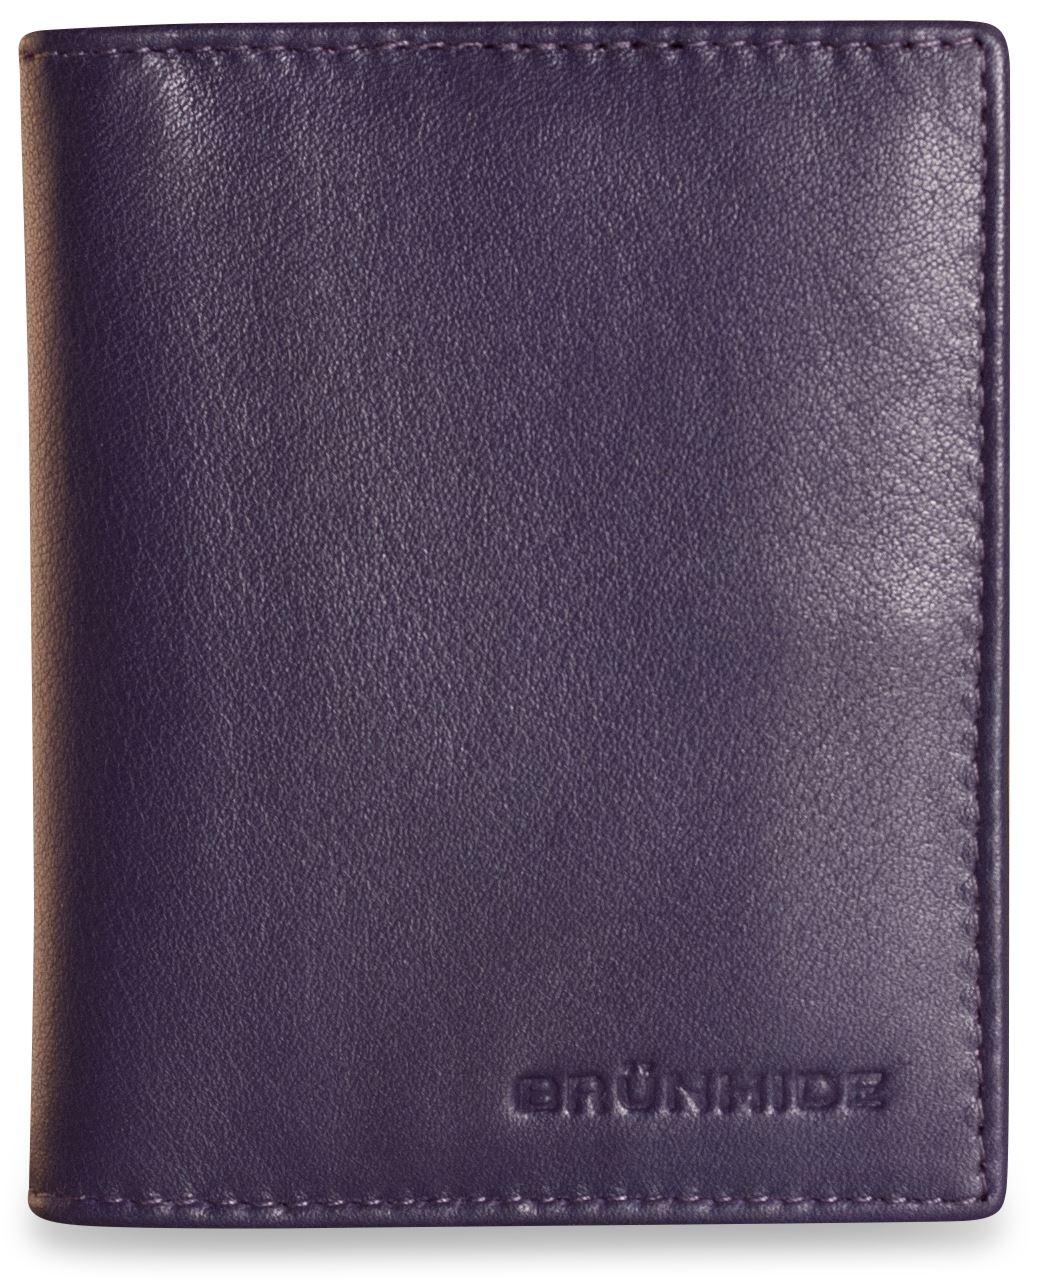 Brunhide Soft Real Leather Credit Card Holder Wallet